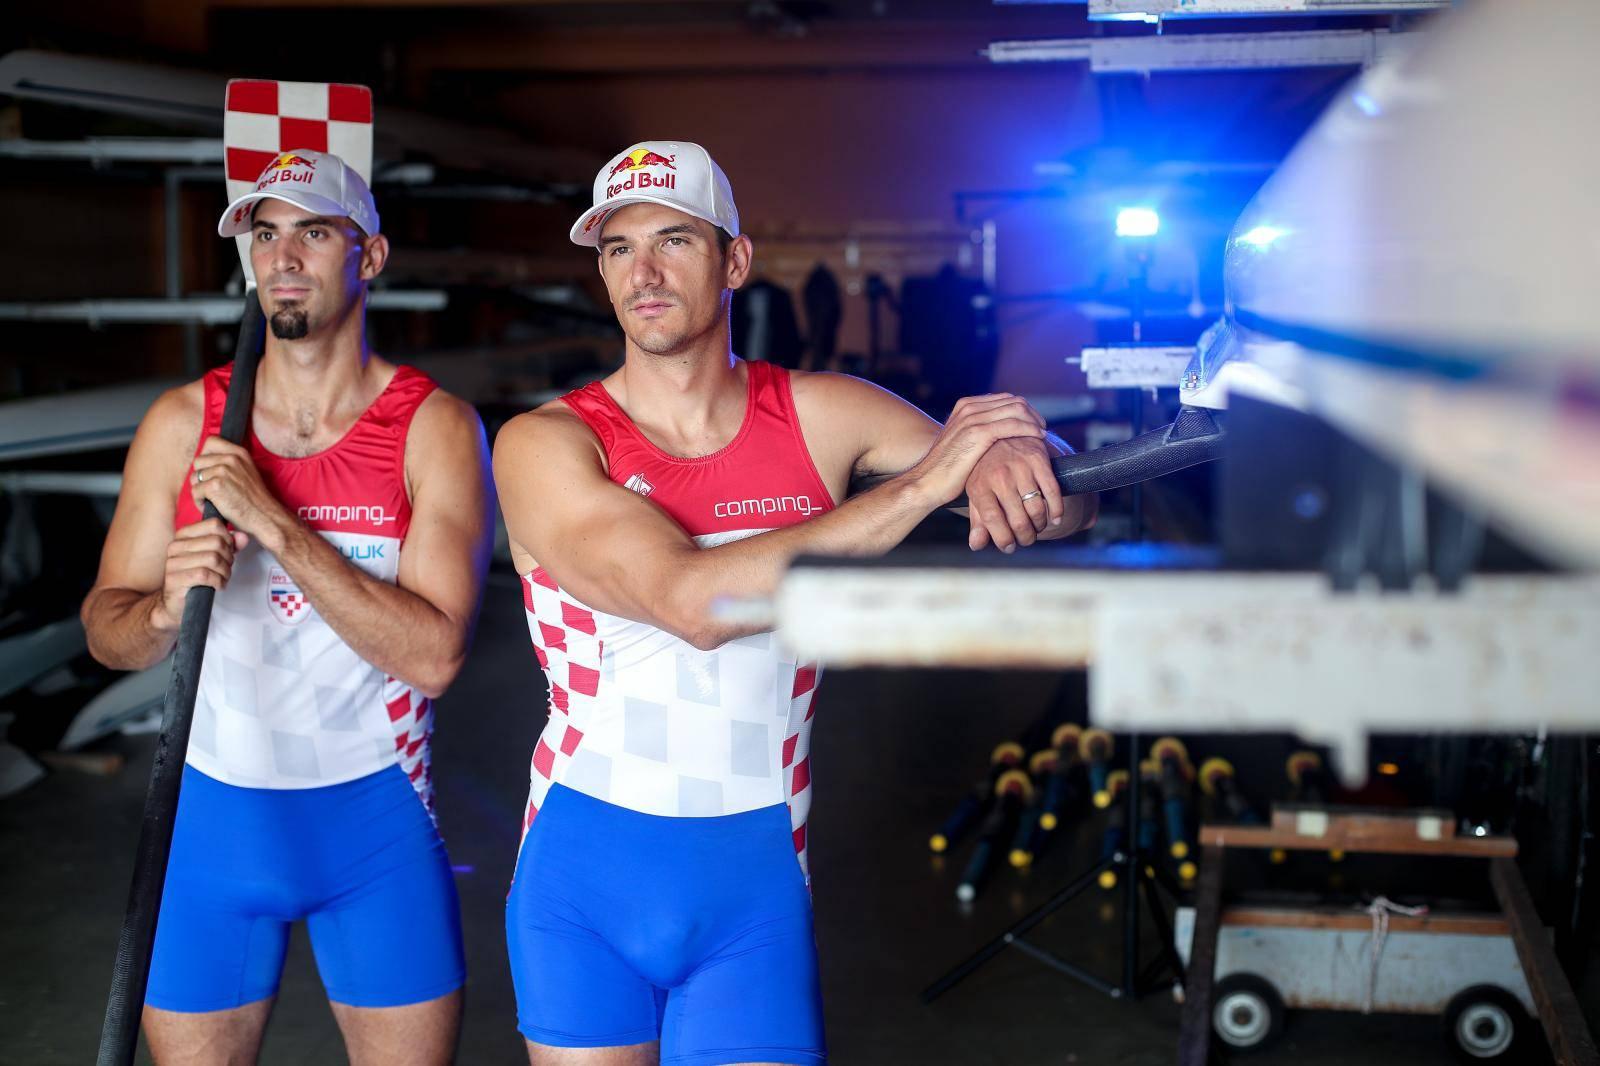 Braća Sinković morali odustati, Damir Martin u finalu 'samaca'